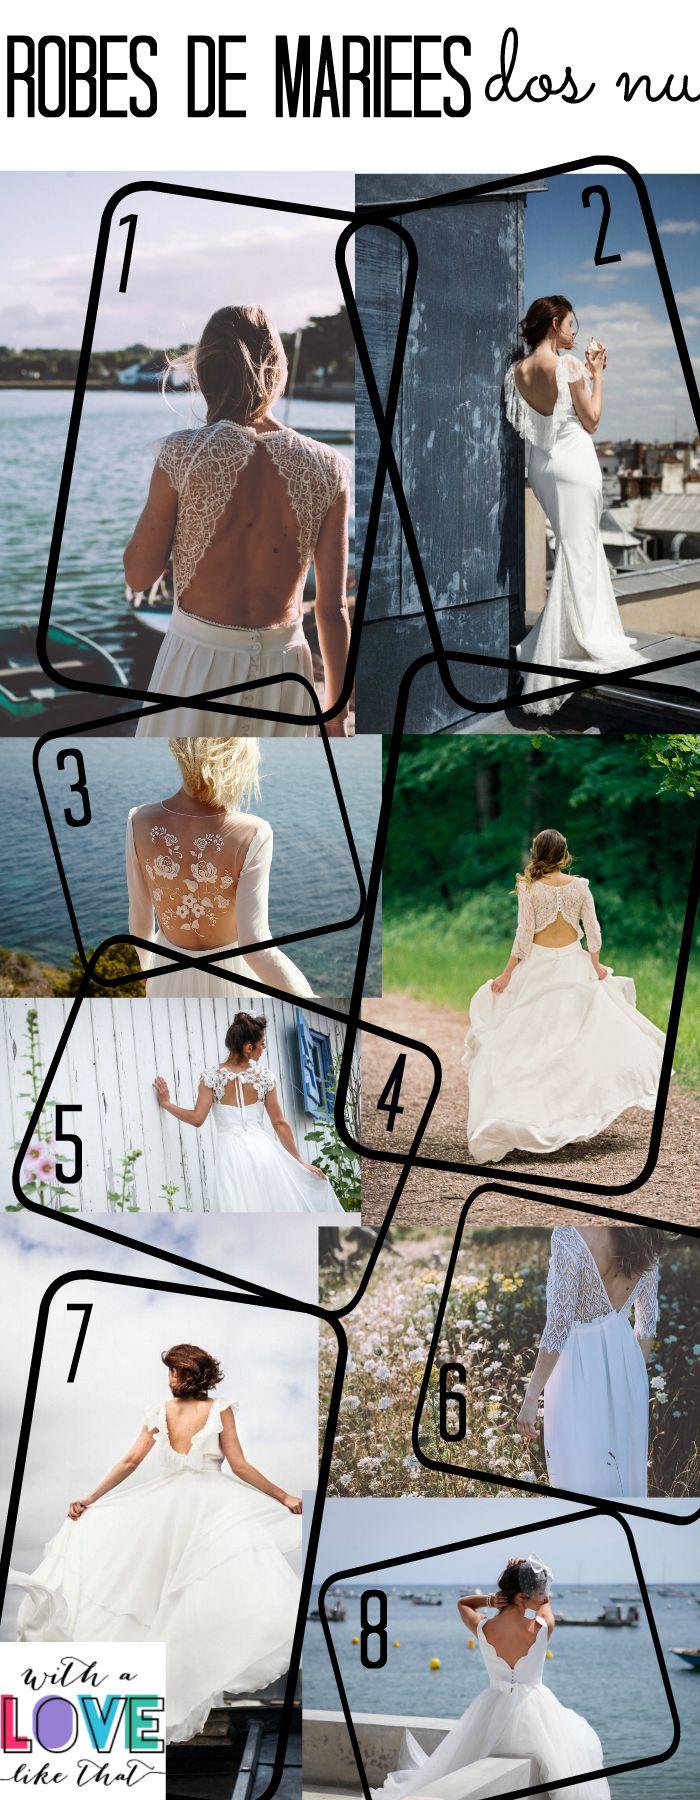 Ma sélection de robes de mariée dos nu 2016 sur withalovelikethat.fr